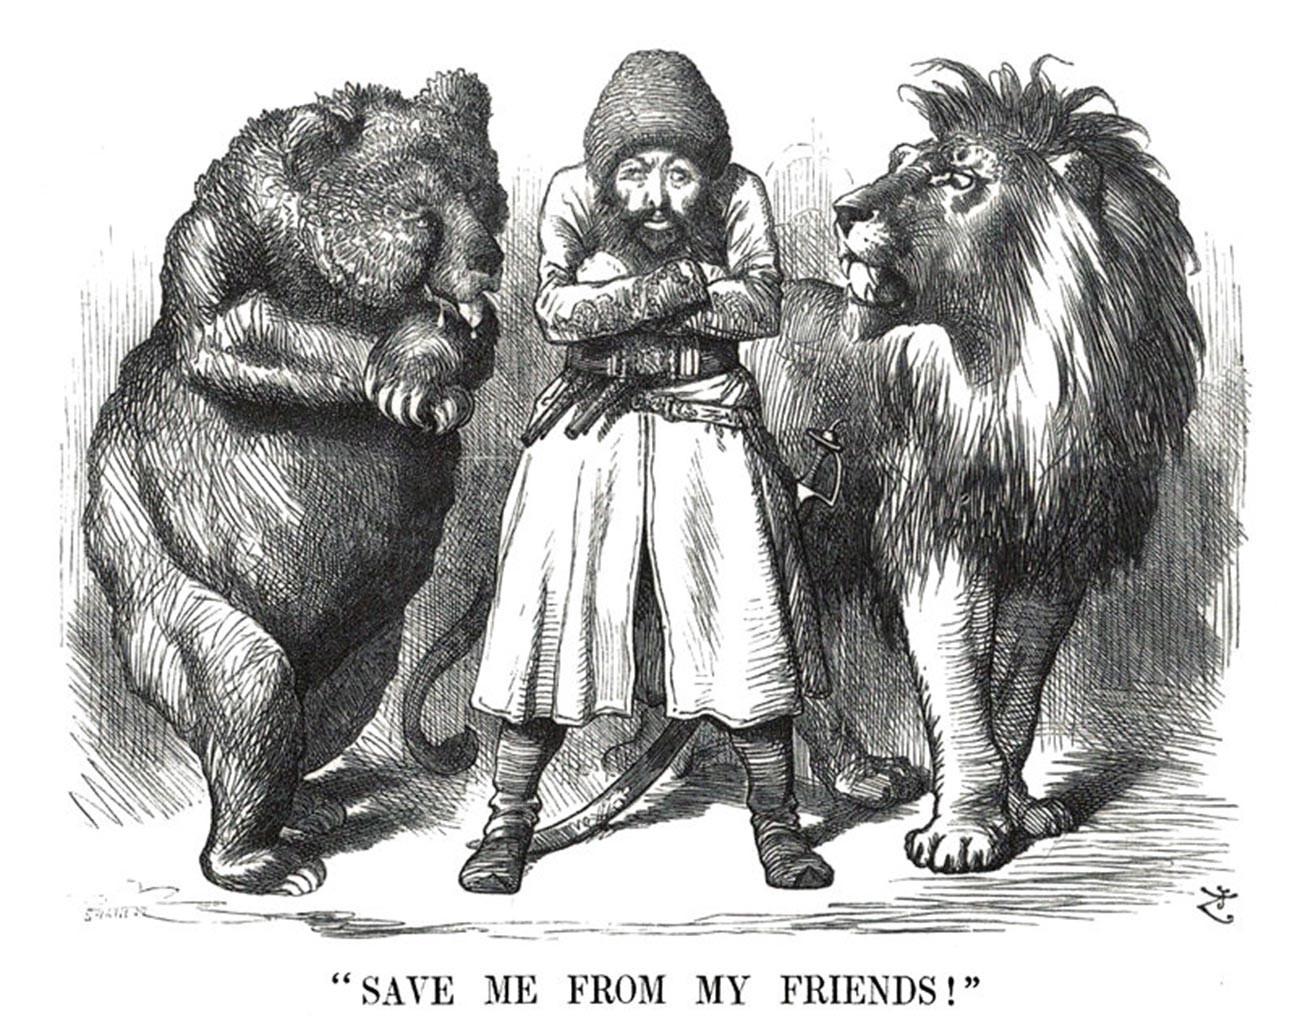 クマ(ロシア帝国)とライオン(大英帝国)の間アフガニスタンのシール・アリー・ハーン